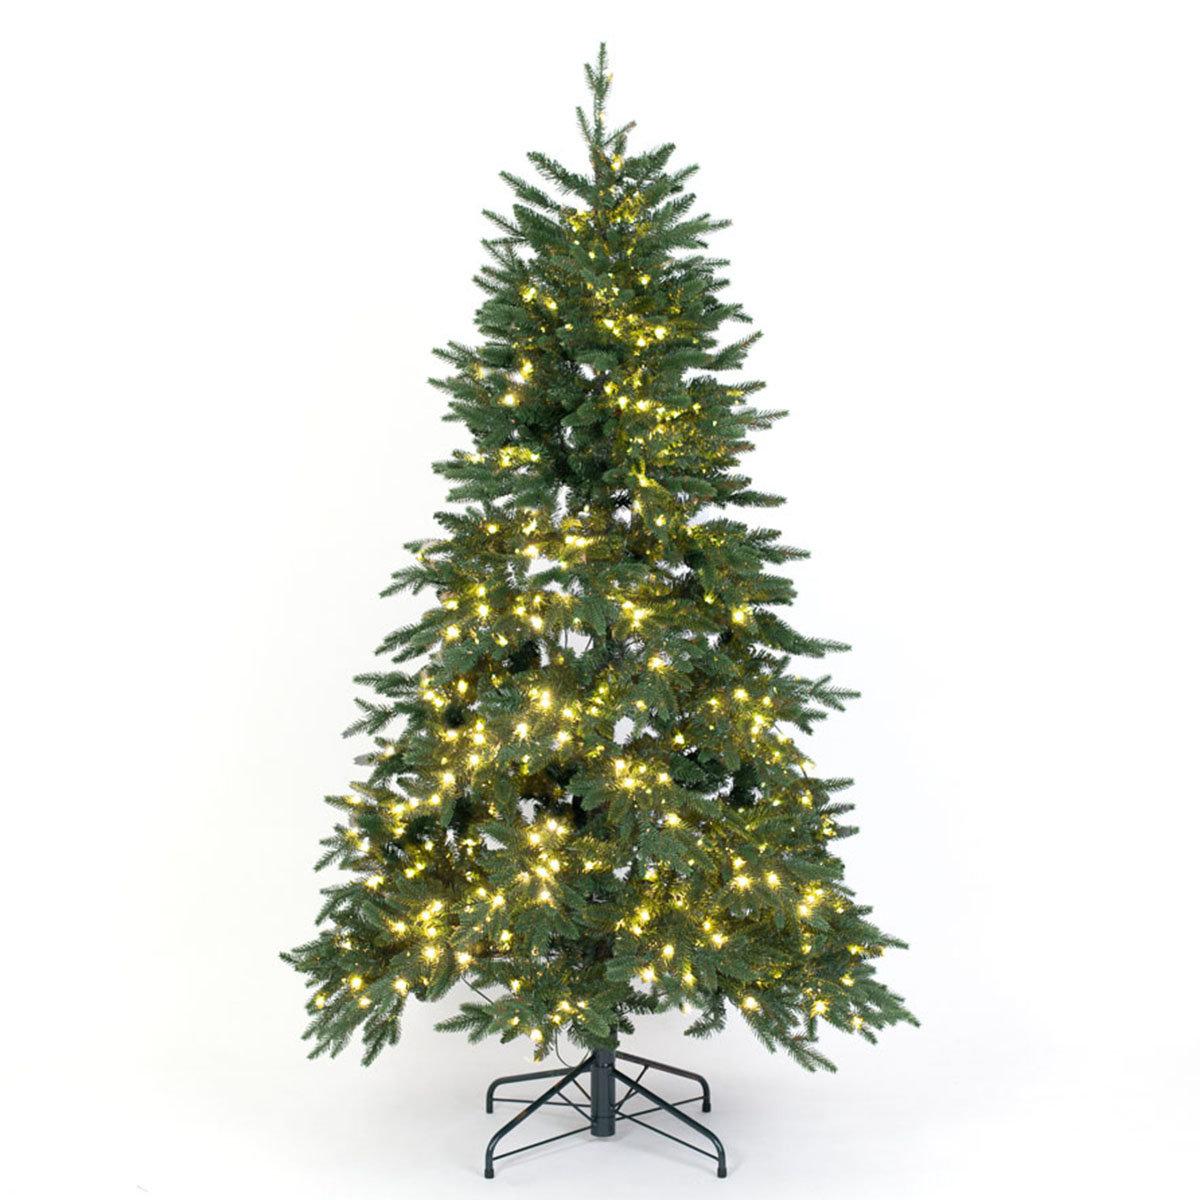 Künstlicher Weihnachtsbaum Fichte, mit LED-Beleuchtung, 150 cm | #3